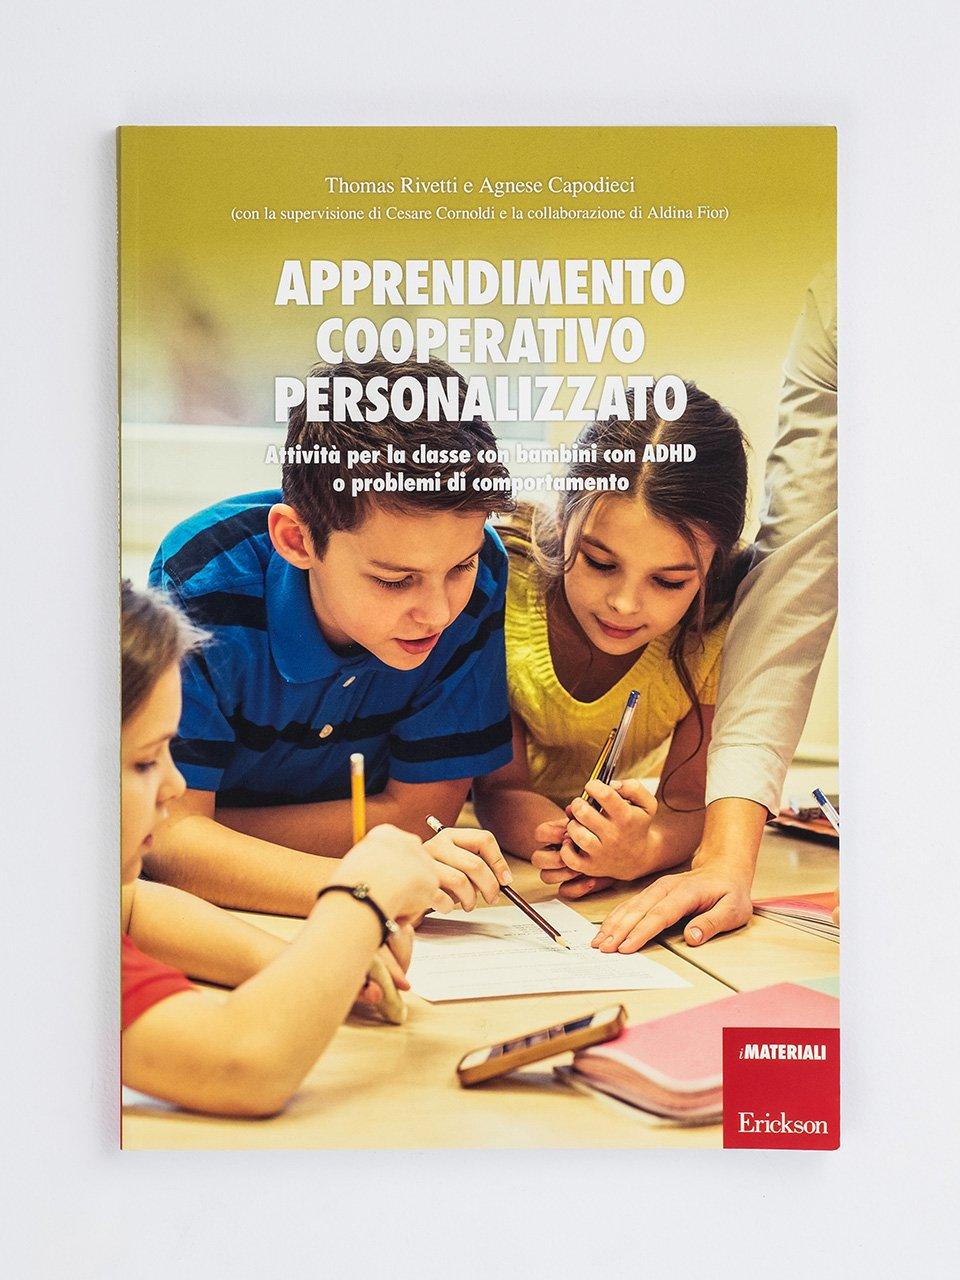 Apprendimento cooperativo personalizzato - Disturbi dell'attenzione e iperattività - Libri - Erickson